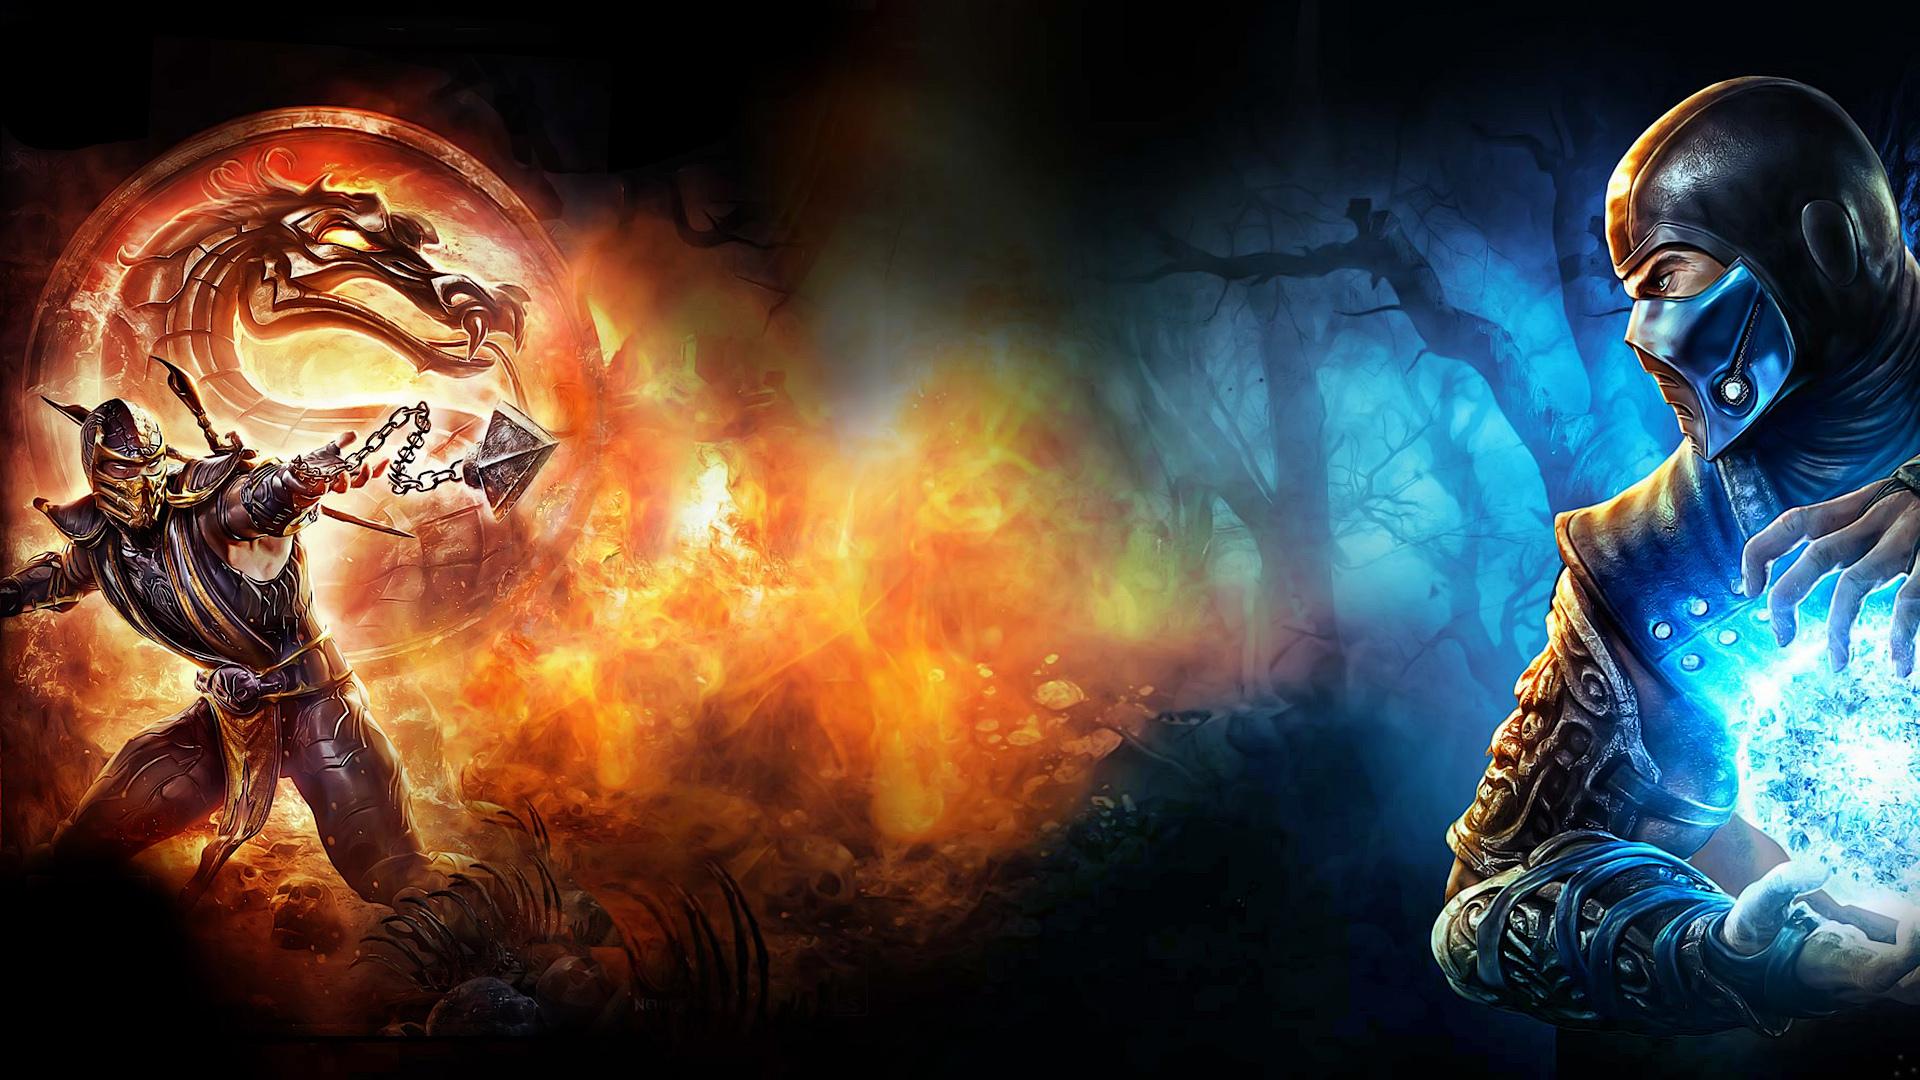 20213 скачать обои Игры, Мортал Комбат (Mortal Kombat) - заставки и картинки бесплатно